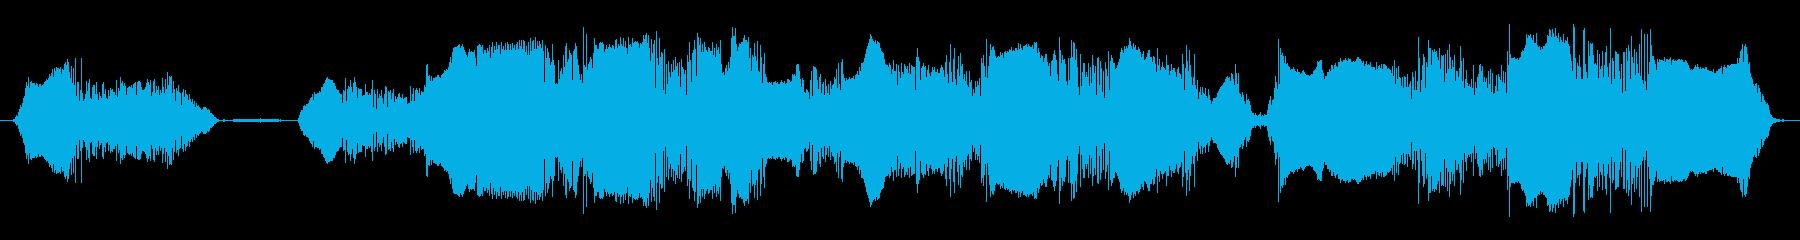 成人男性:怒鳴る声の再生済みの波形